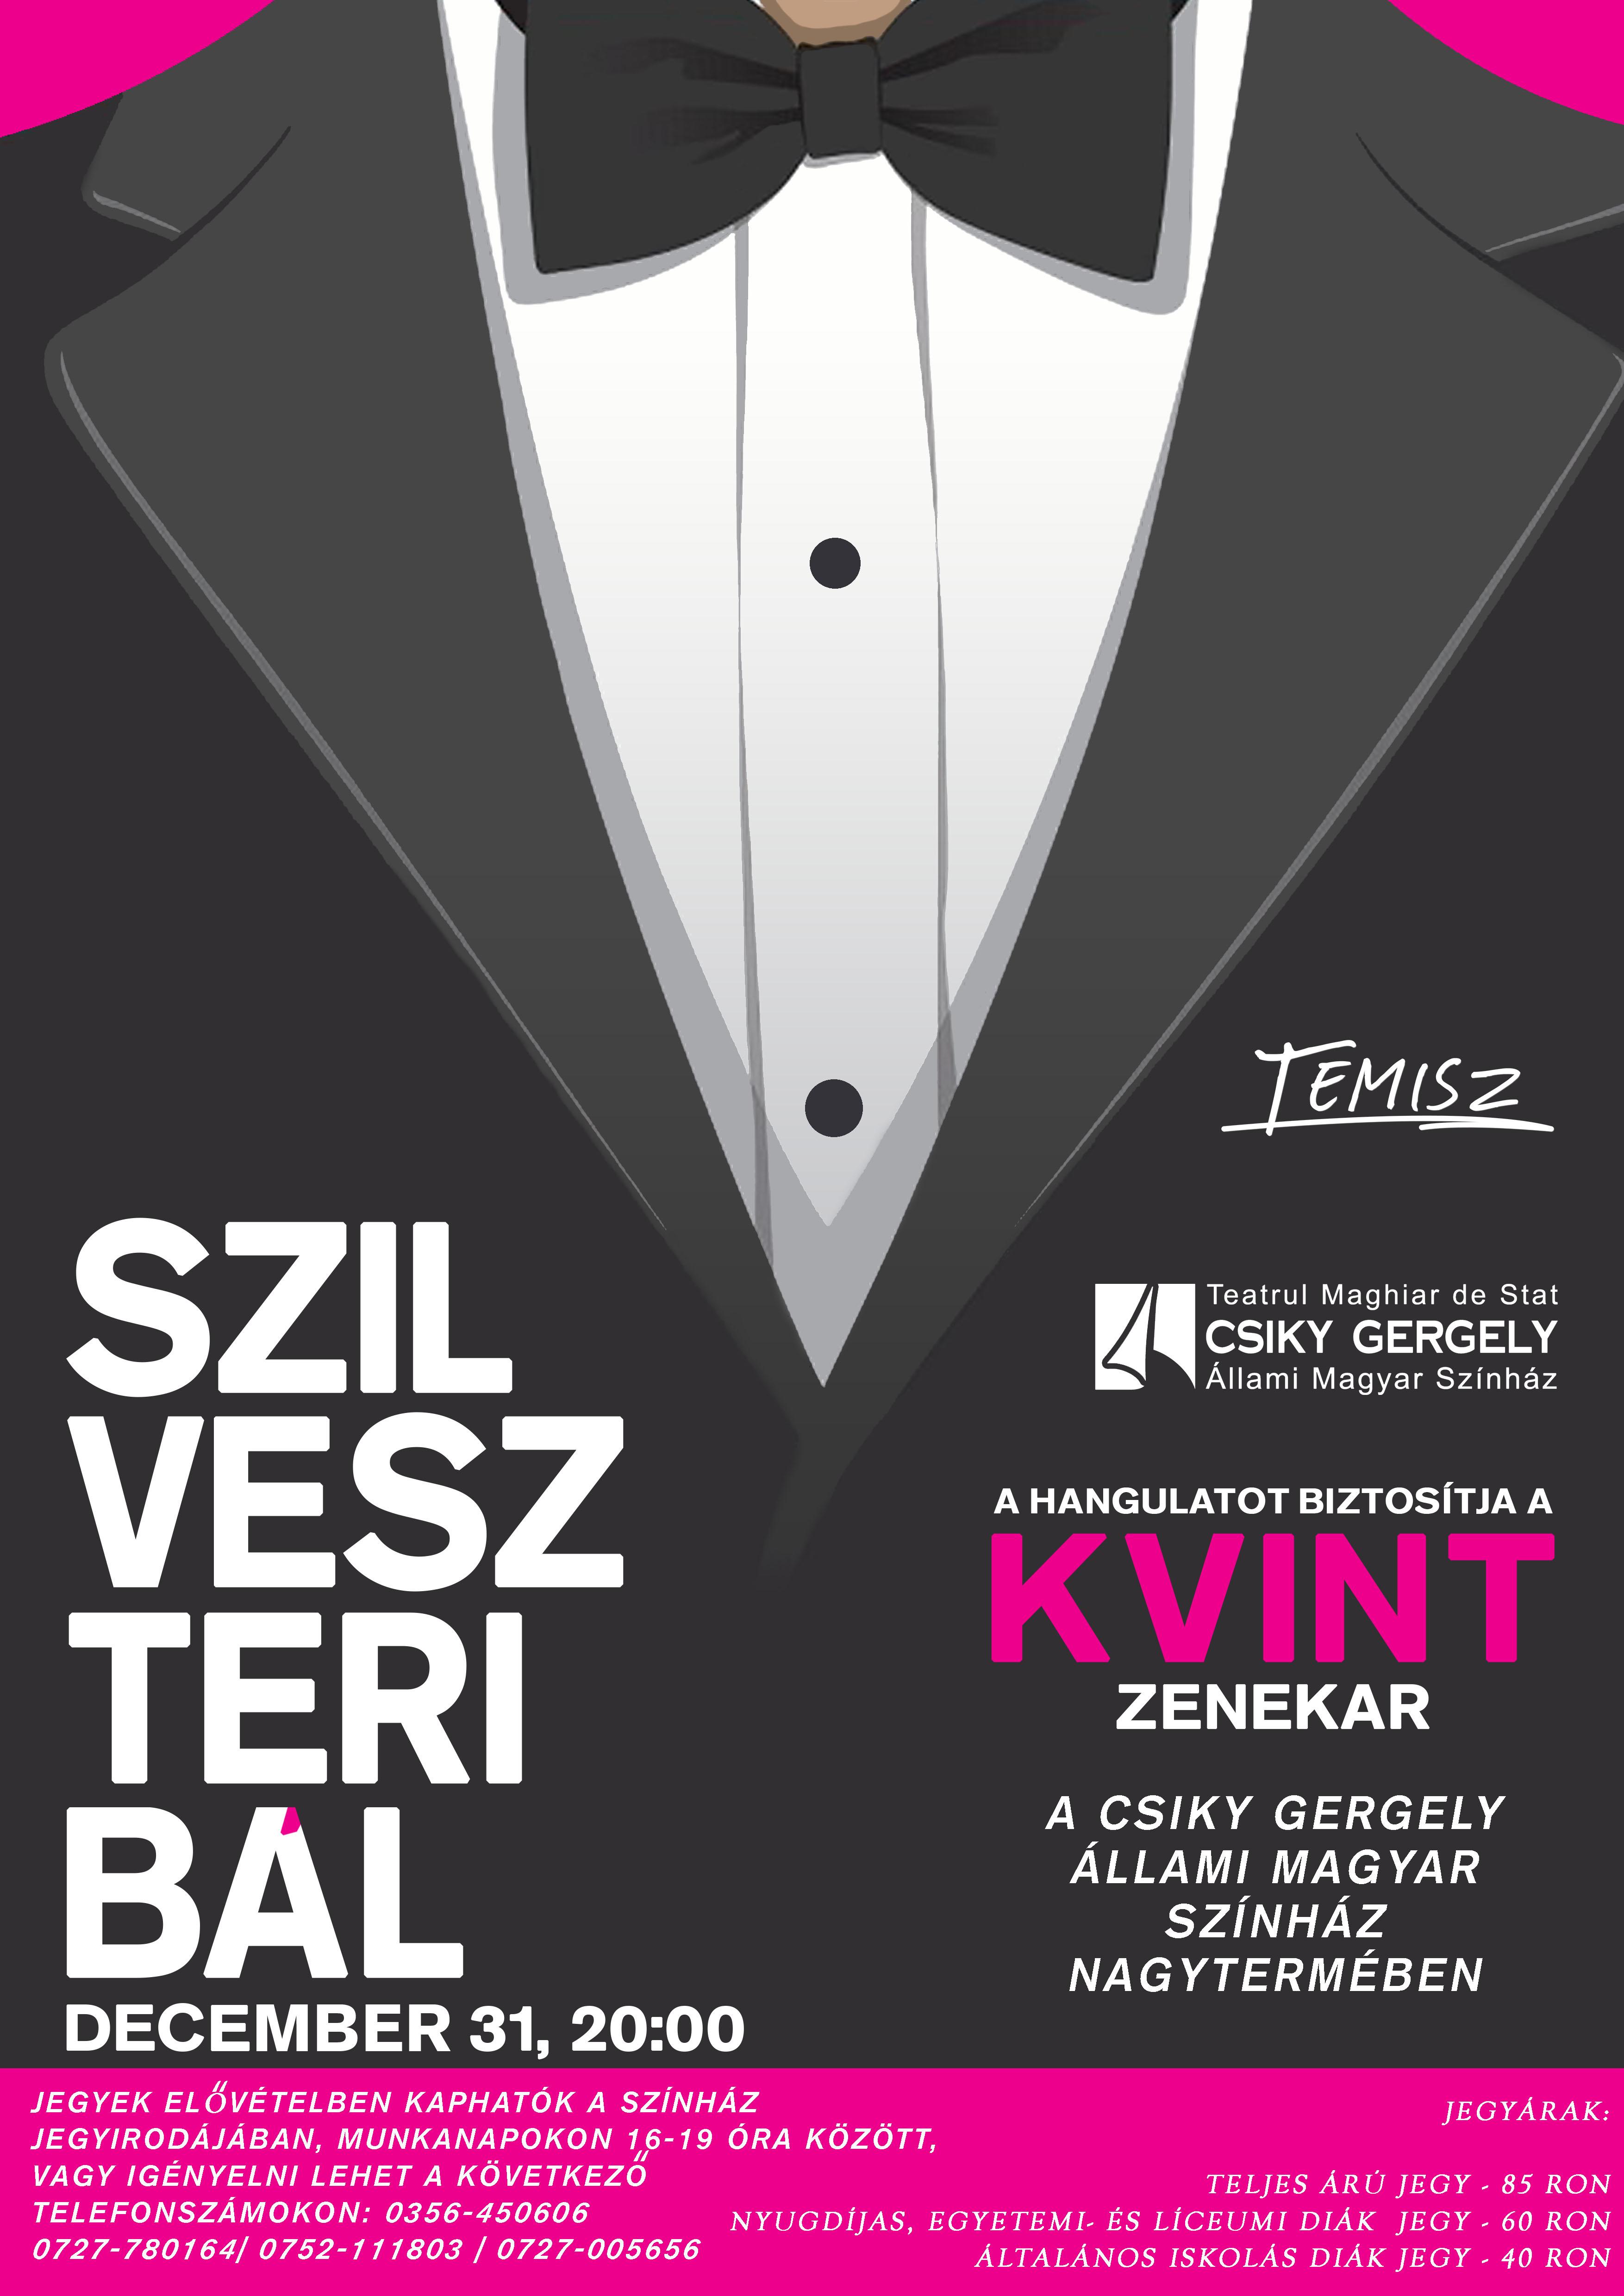 szilveszter2012_plakat